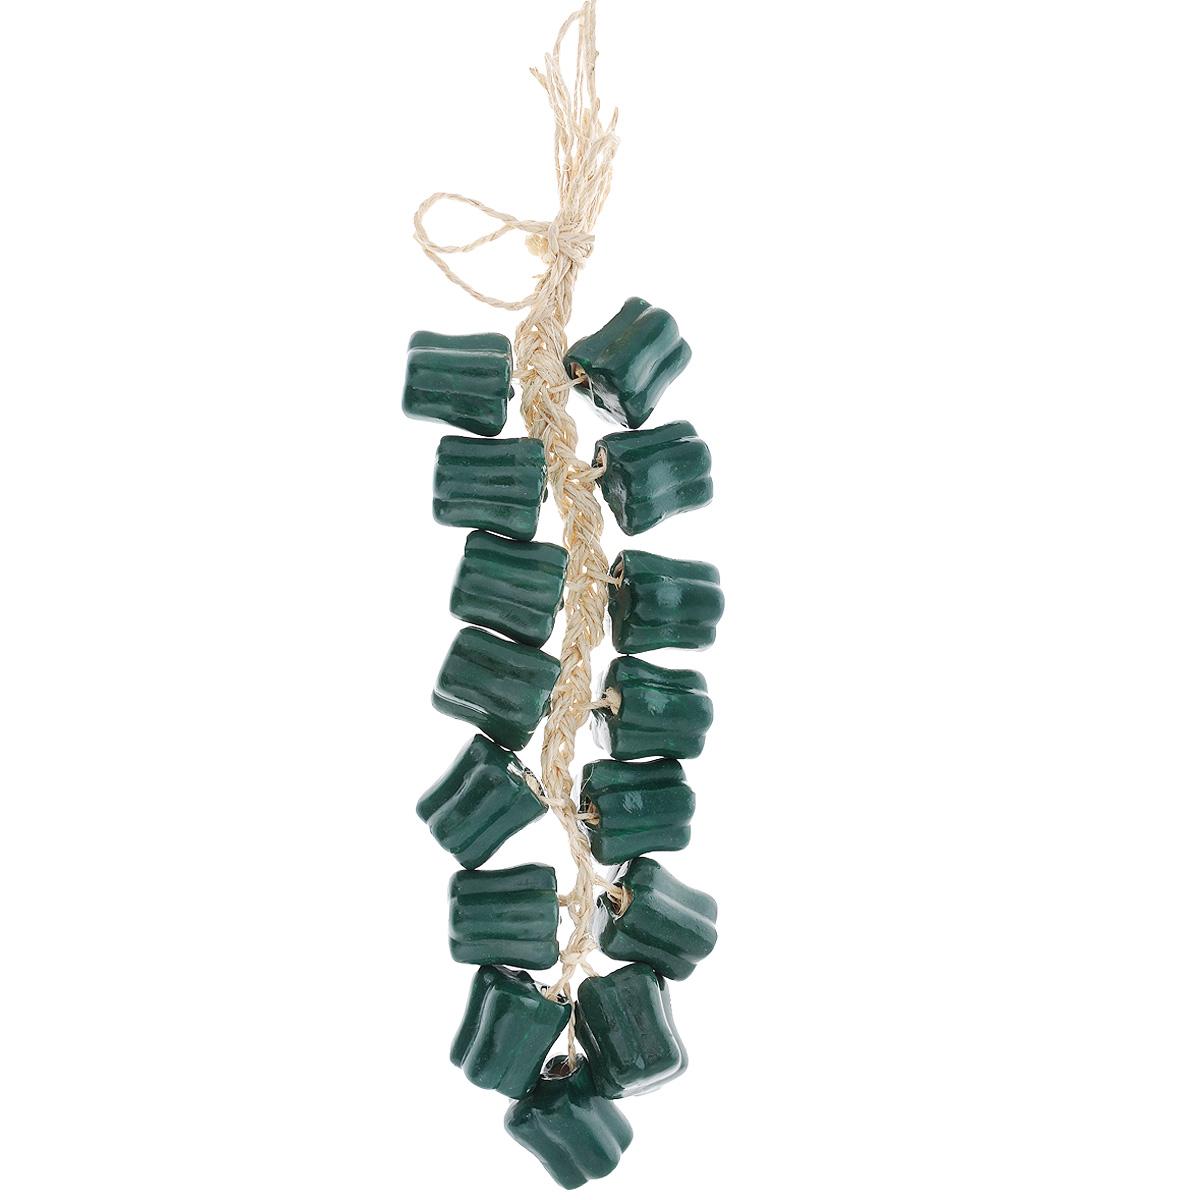 Декоративное украшение для кухни House & Holder Перец болгарский, цвет: зеленый, 55 х 11,5 х 4,5 смDP-B35-80592Оригинальное декоративное украшение House & Holder Перец чили выполнено из керамики и веревки. Такое украшение дополнит интерьер вашей кухни, а также может стать оригинальным сувениром для ваших друзей и близких. Размер перца: 4 см х 3,5 см х 3,5 см. Размер украшения: 55 см х 11,5 см х 4,5 см.